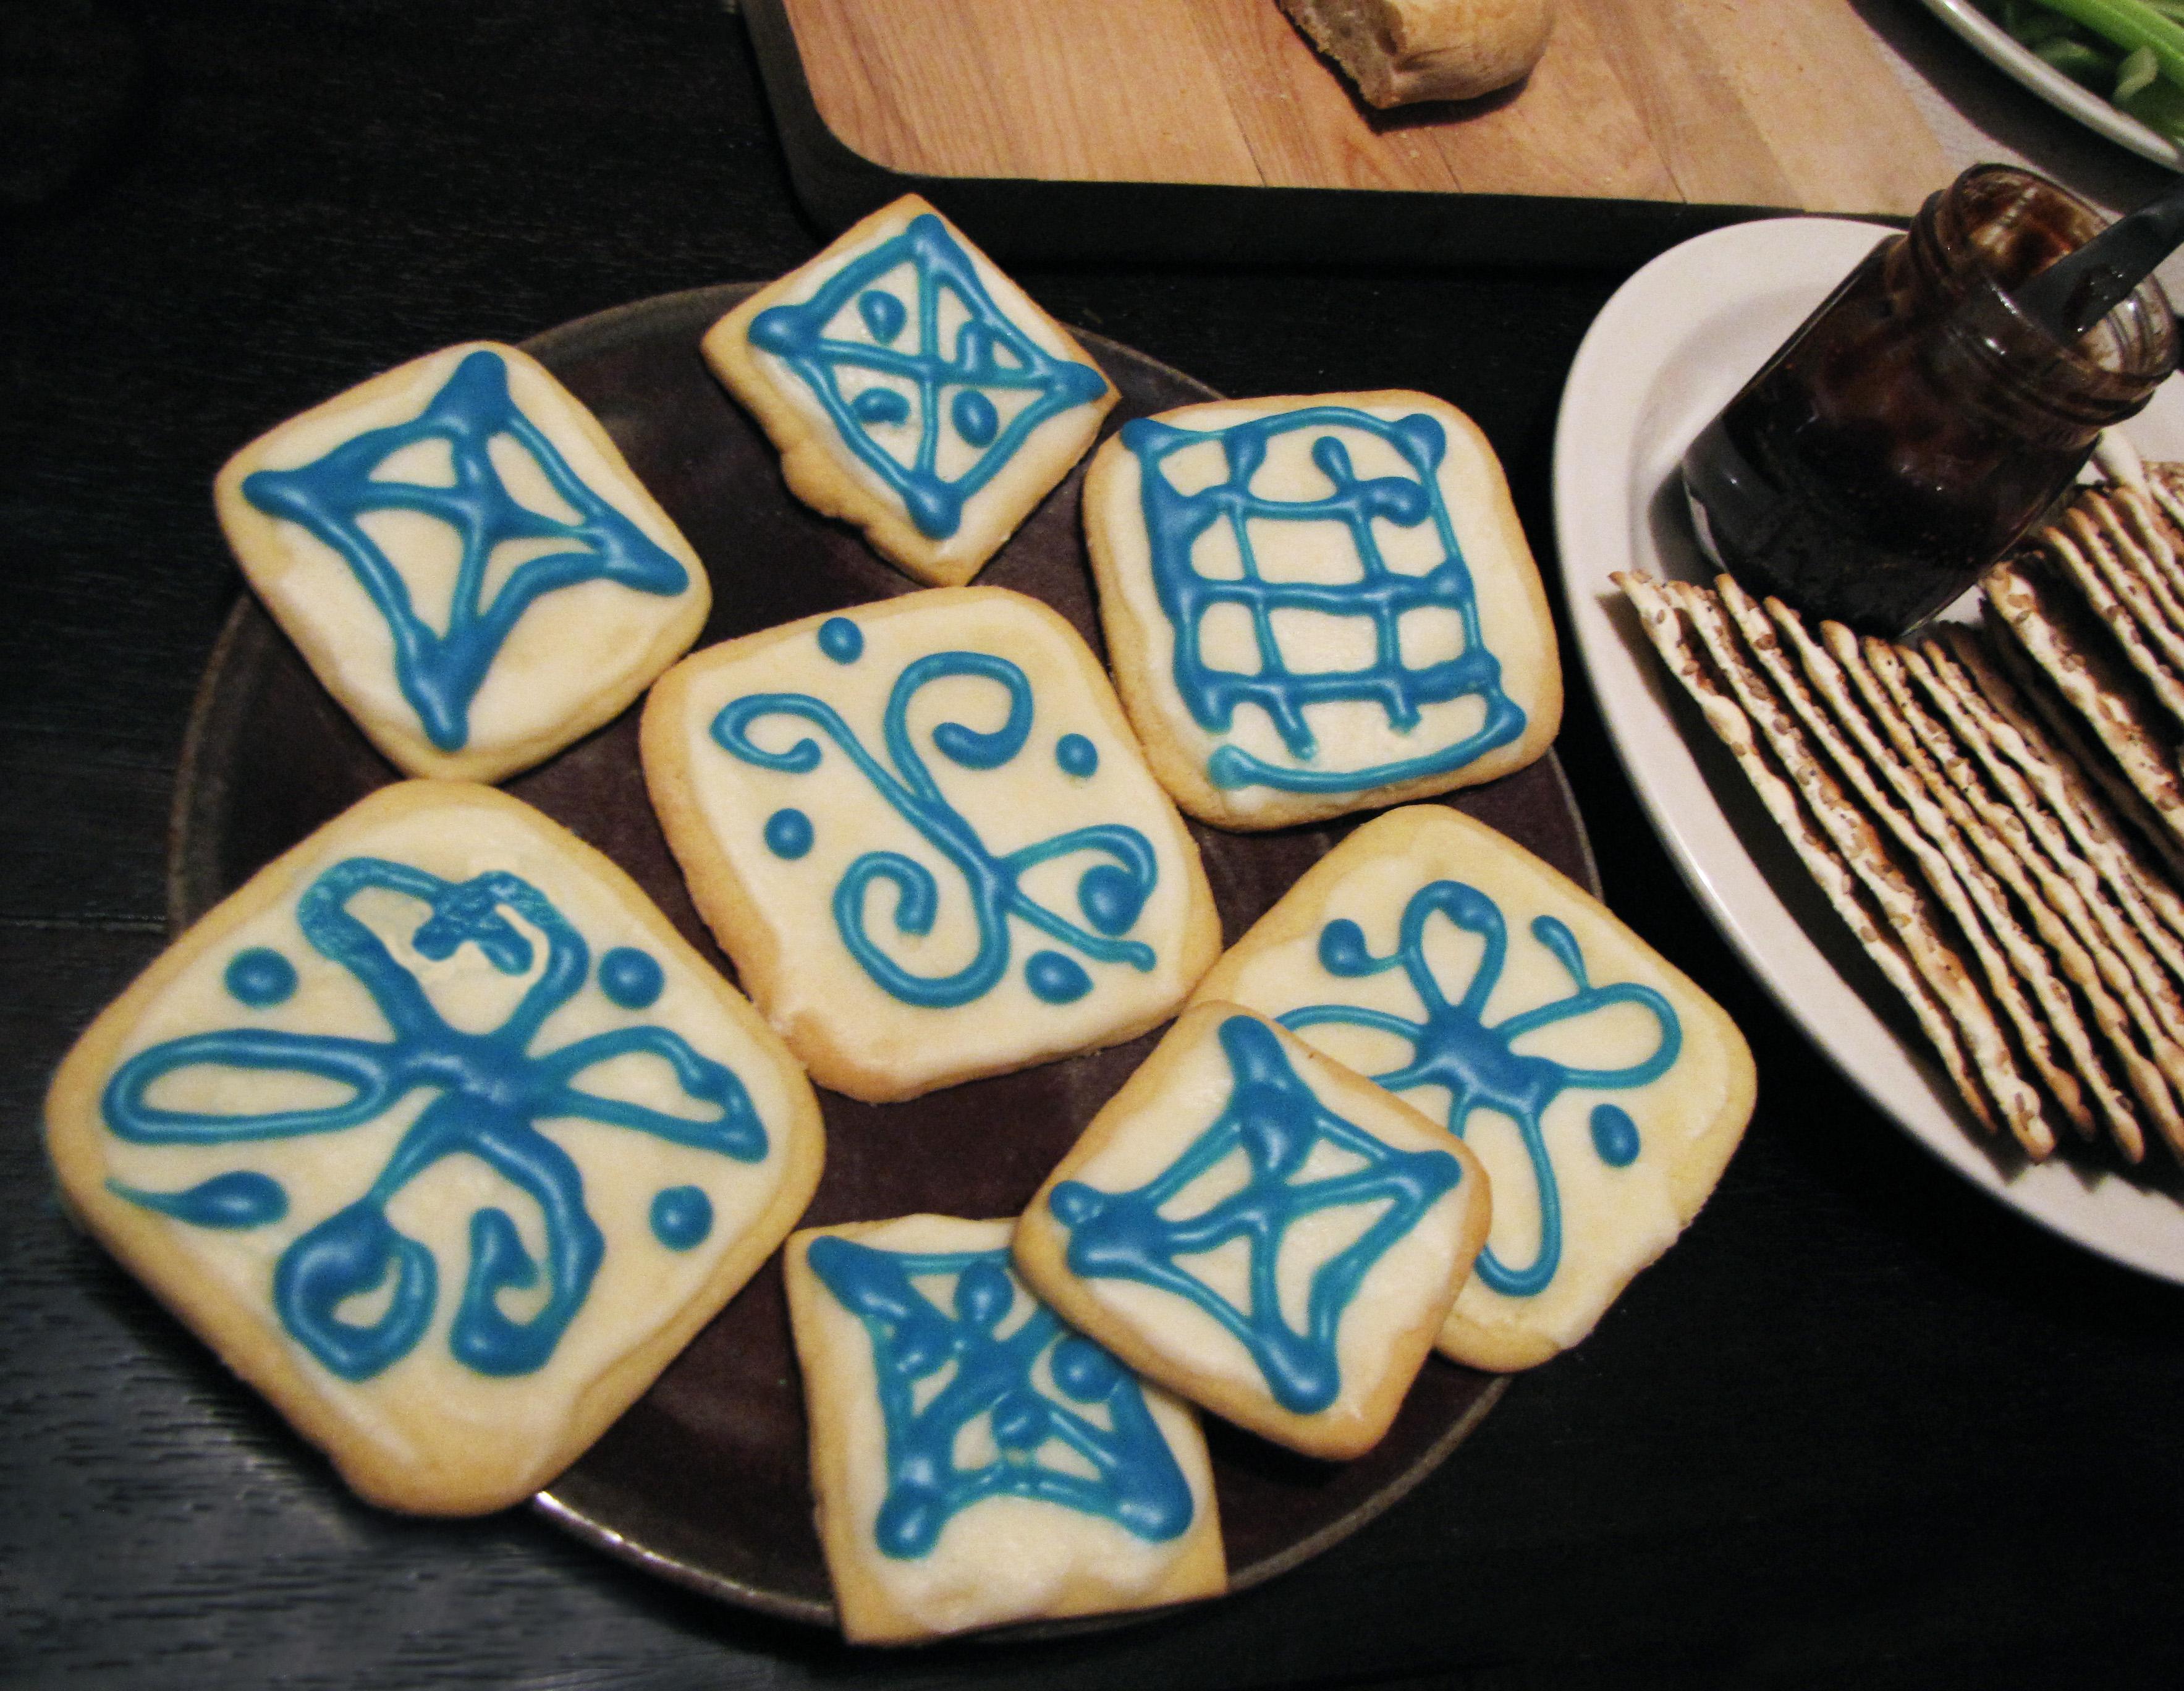 azulejos_cookies.jpg